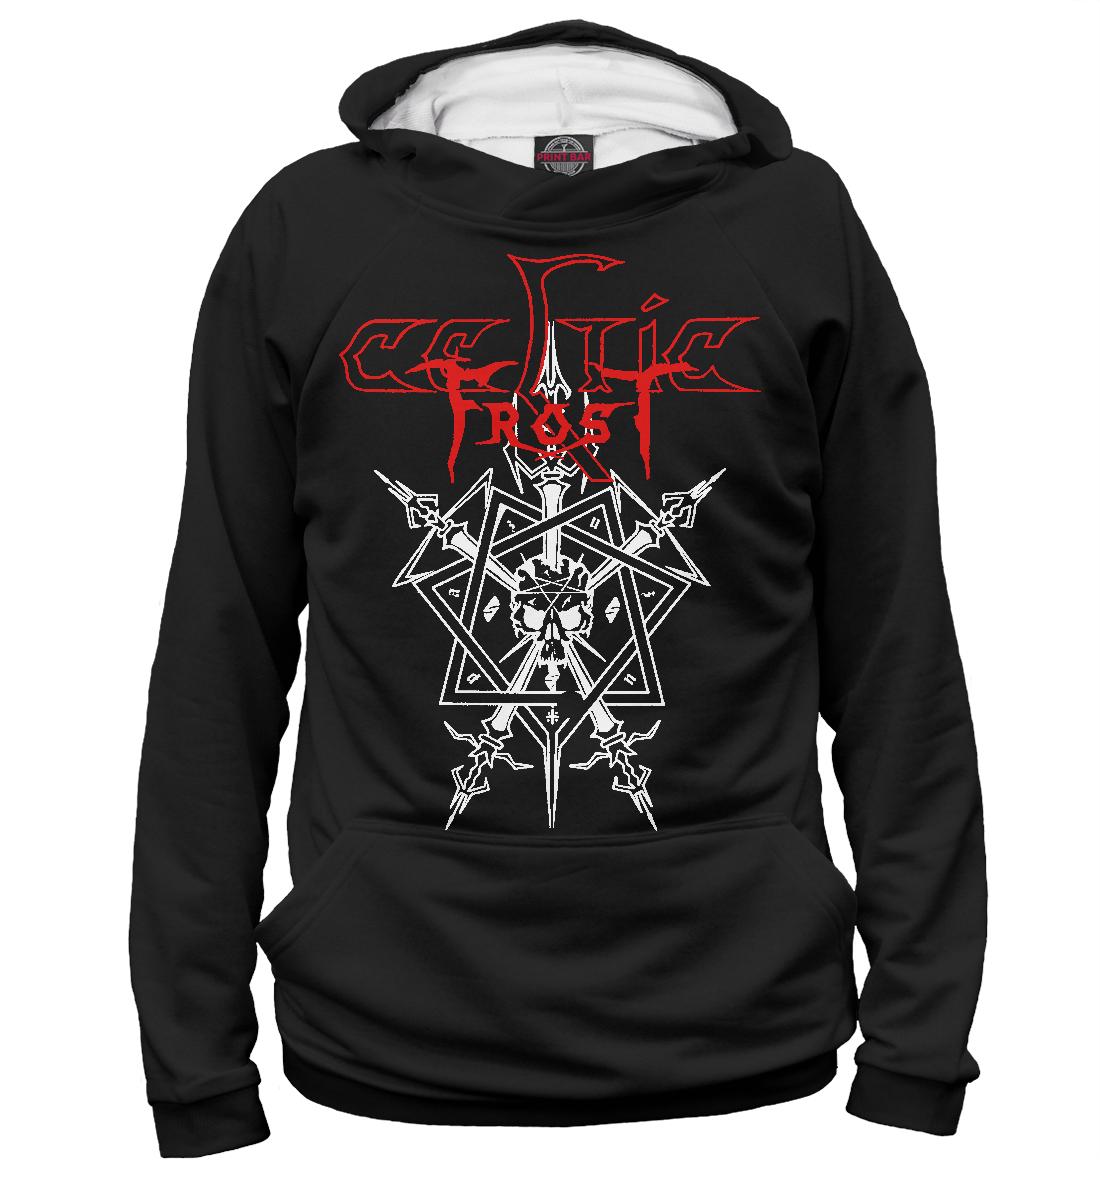 Купить Celtic Frost, Printbar, Худи, MZK-390910-hud-1